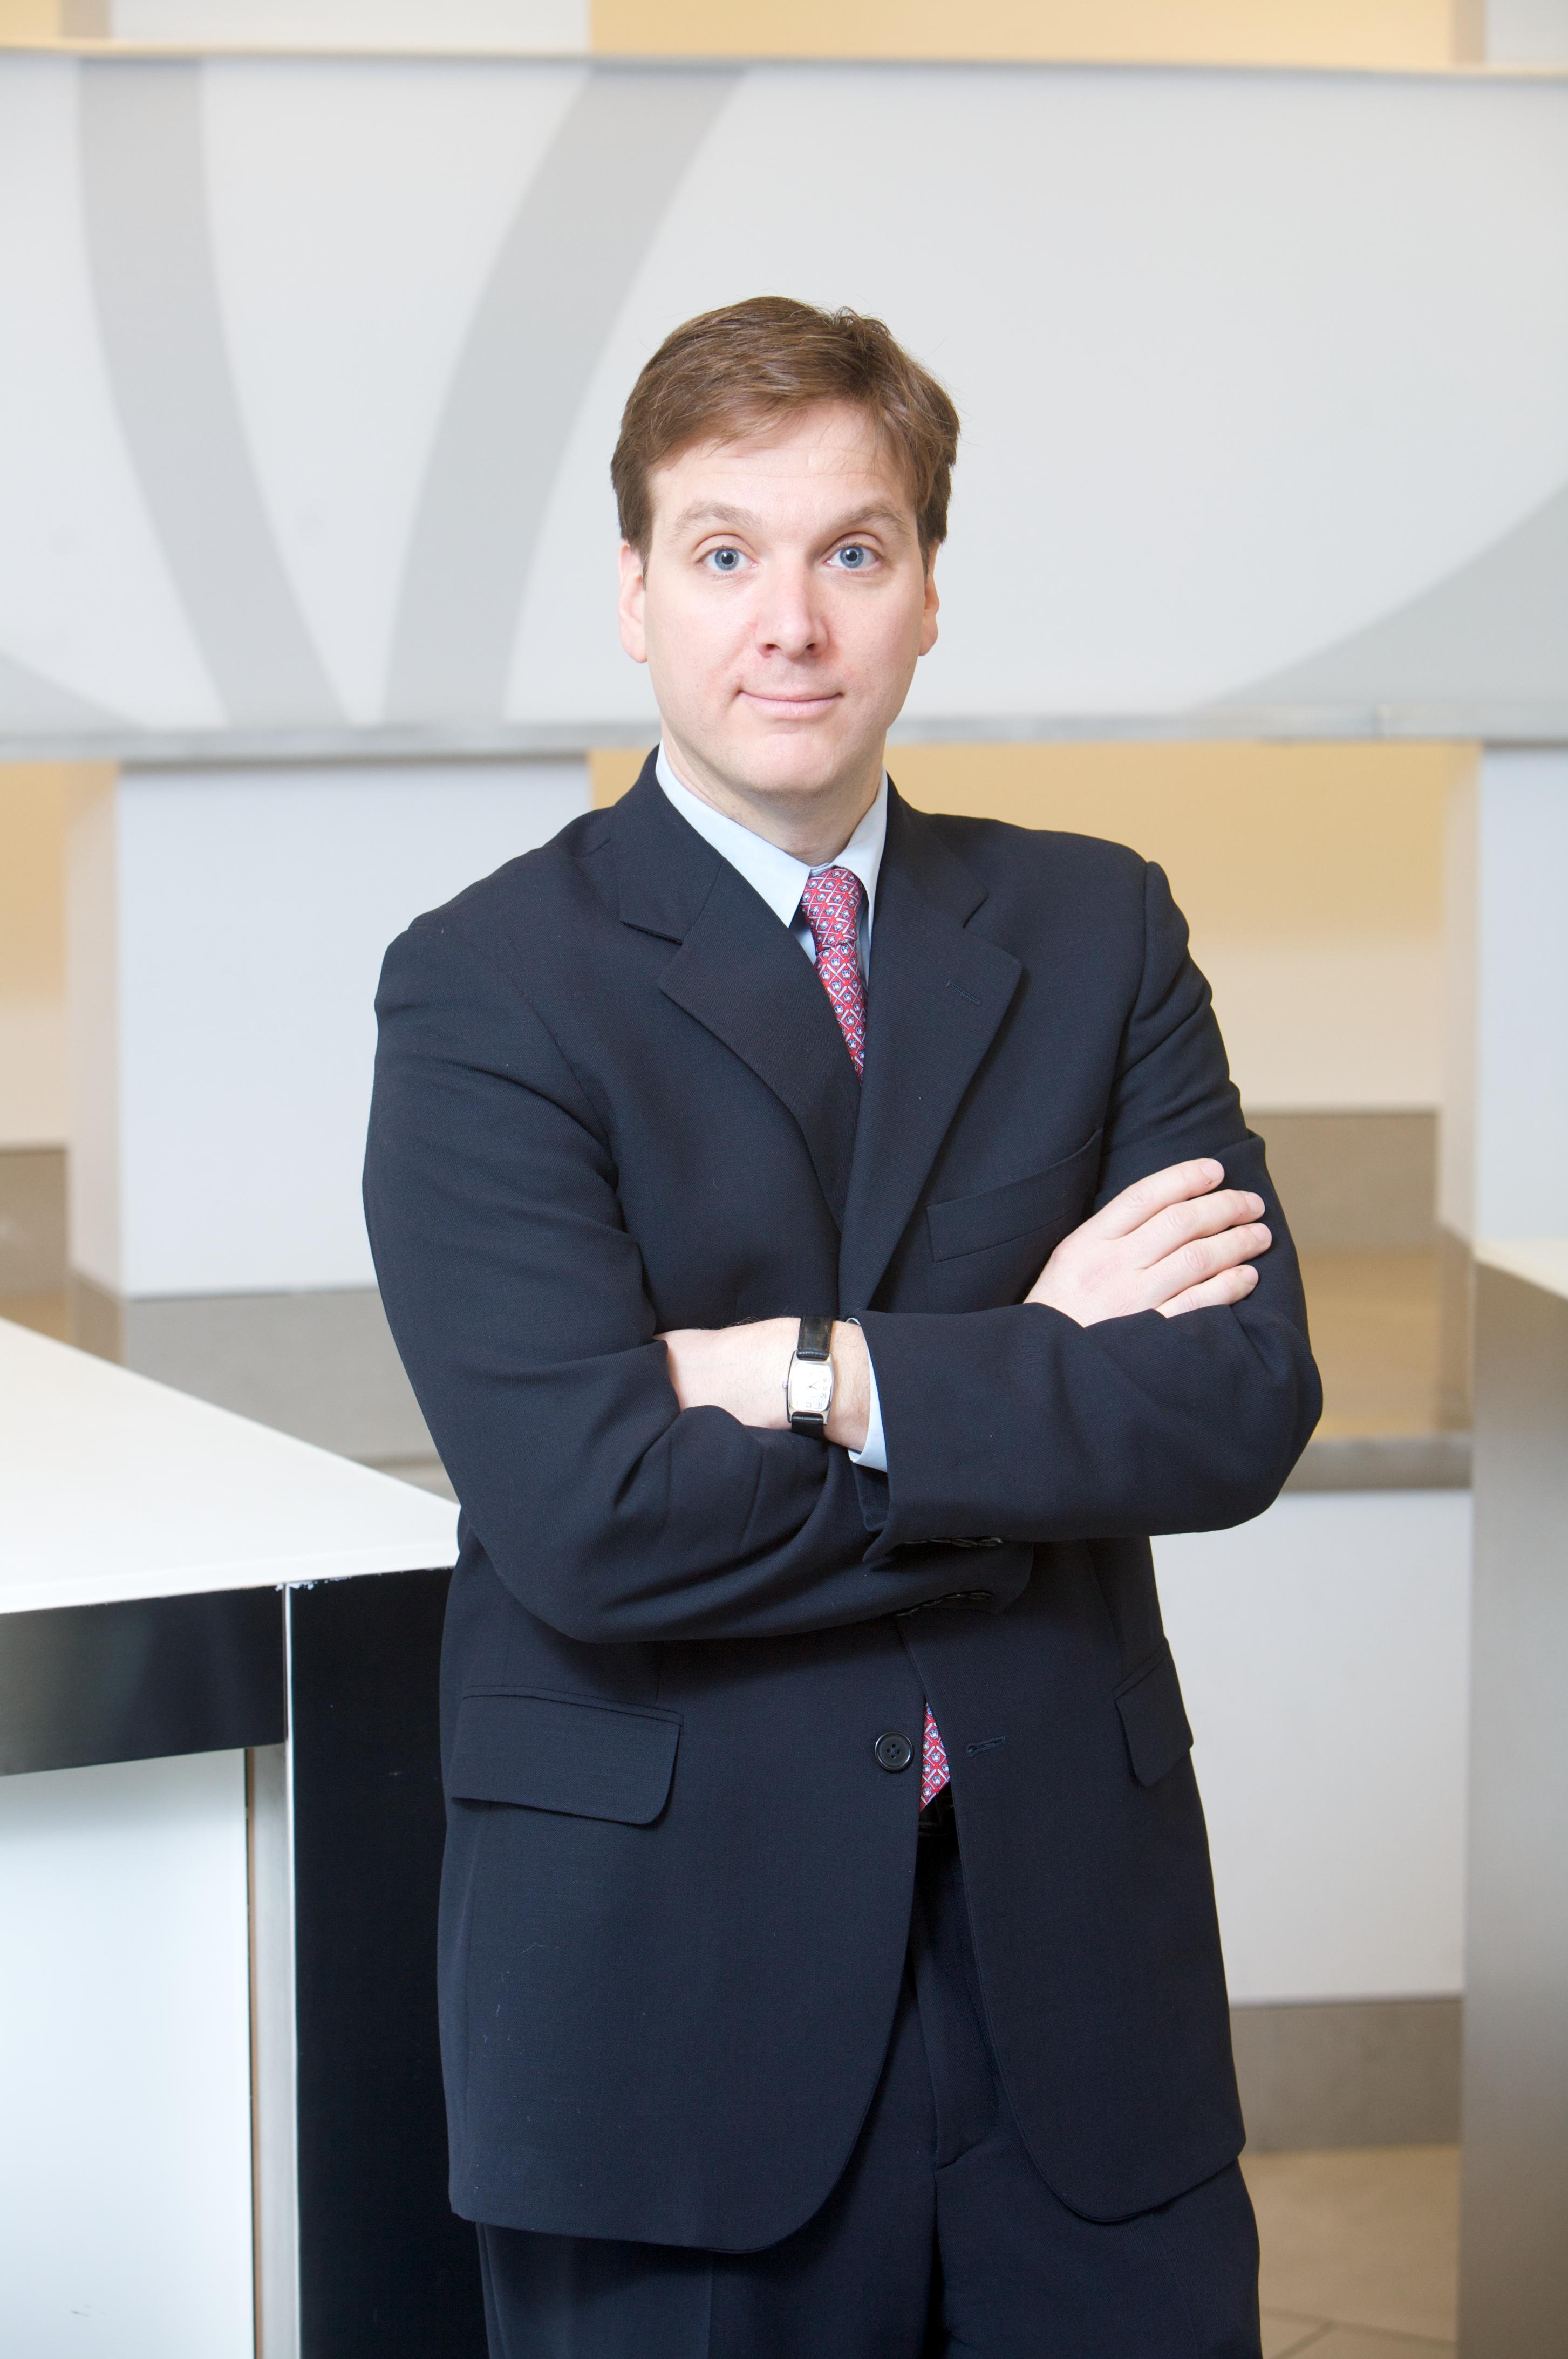 Robert Salomon